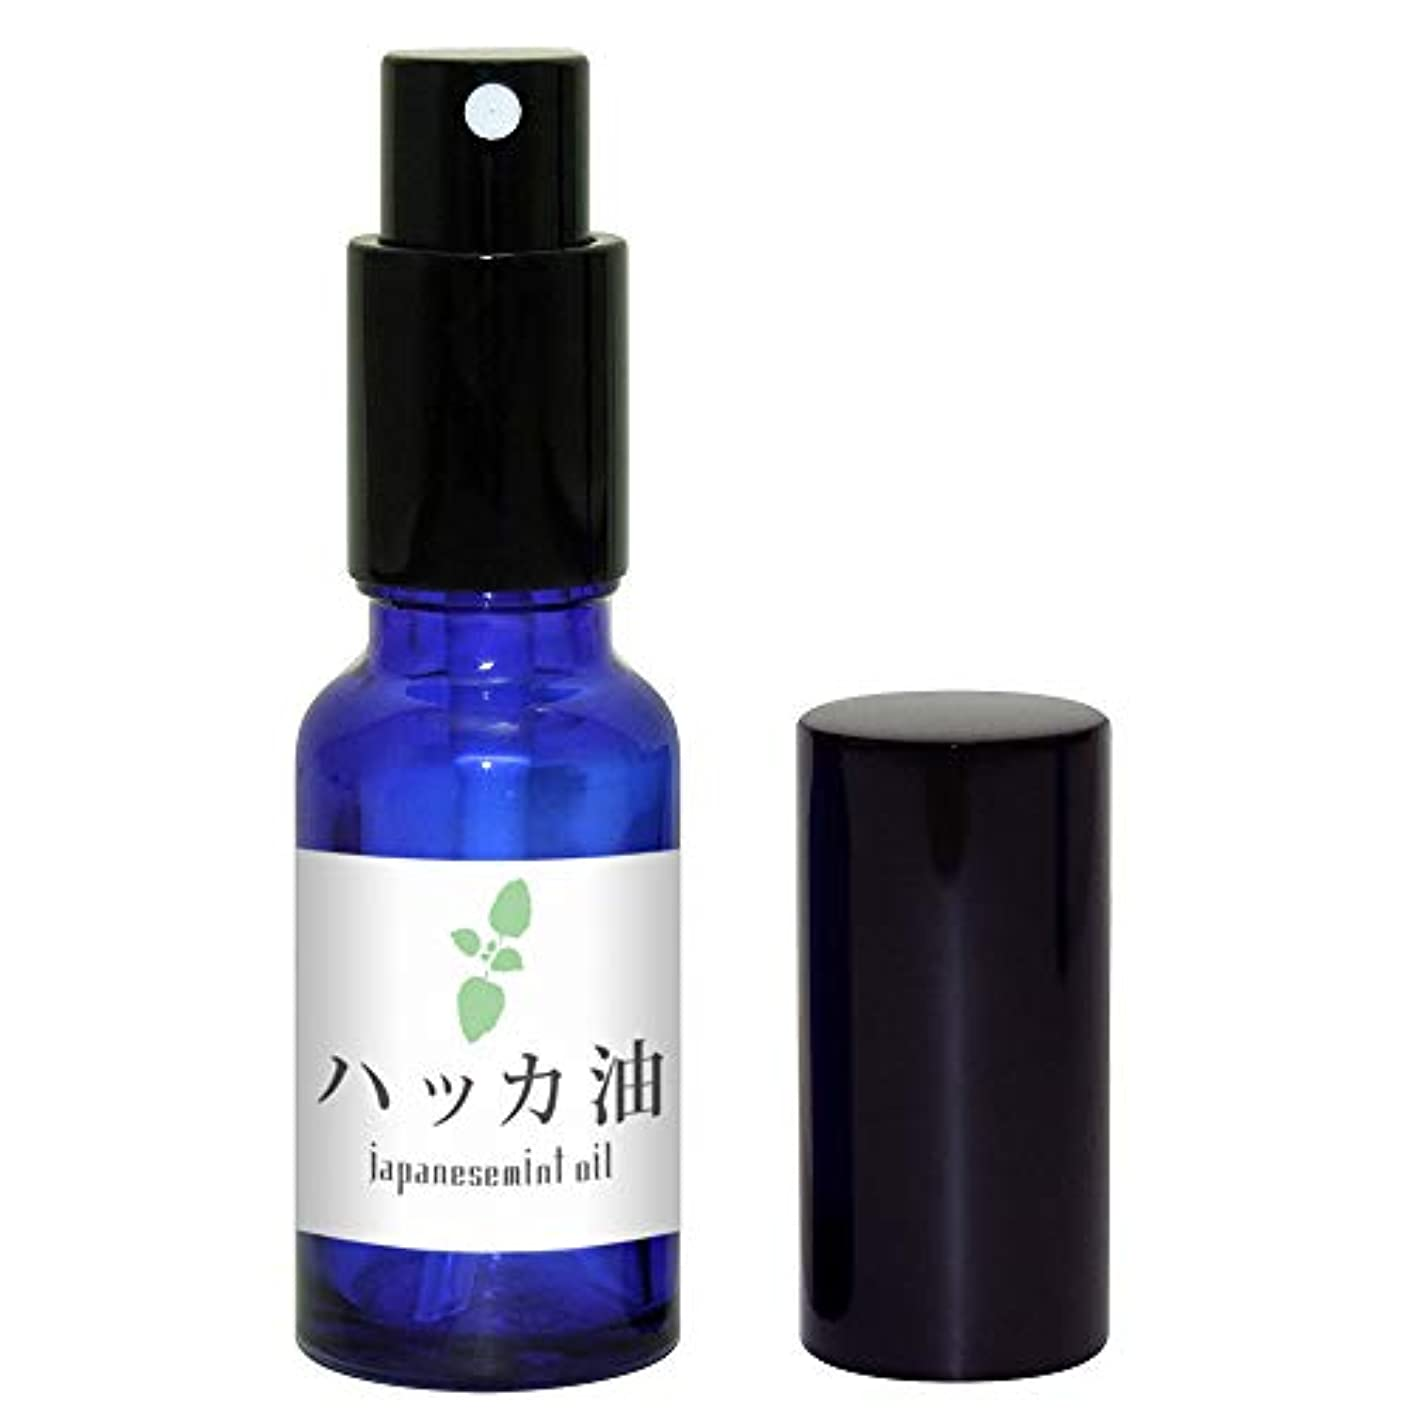 注文自動コンプリートガレージゼロ ハッカ油 (スプレー瓶入20ml)